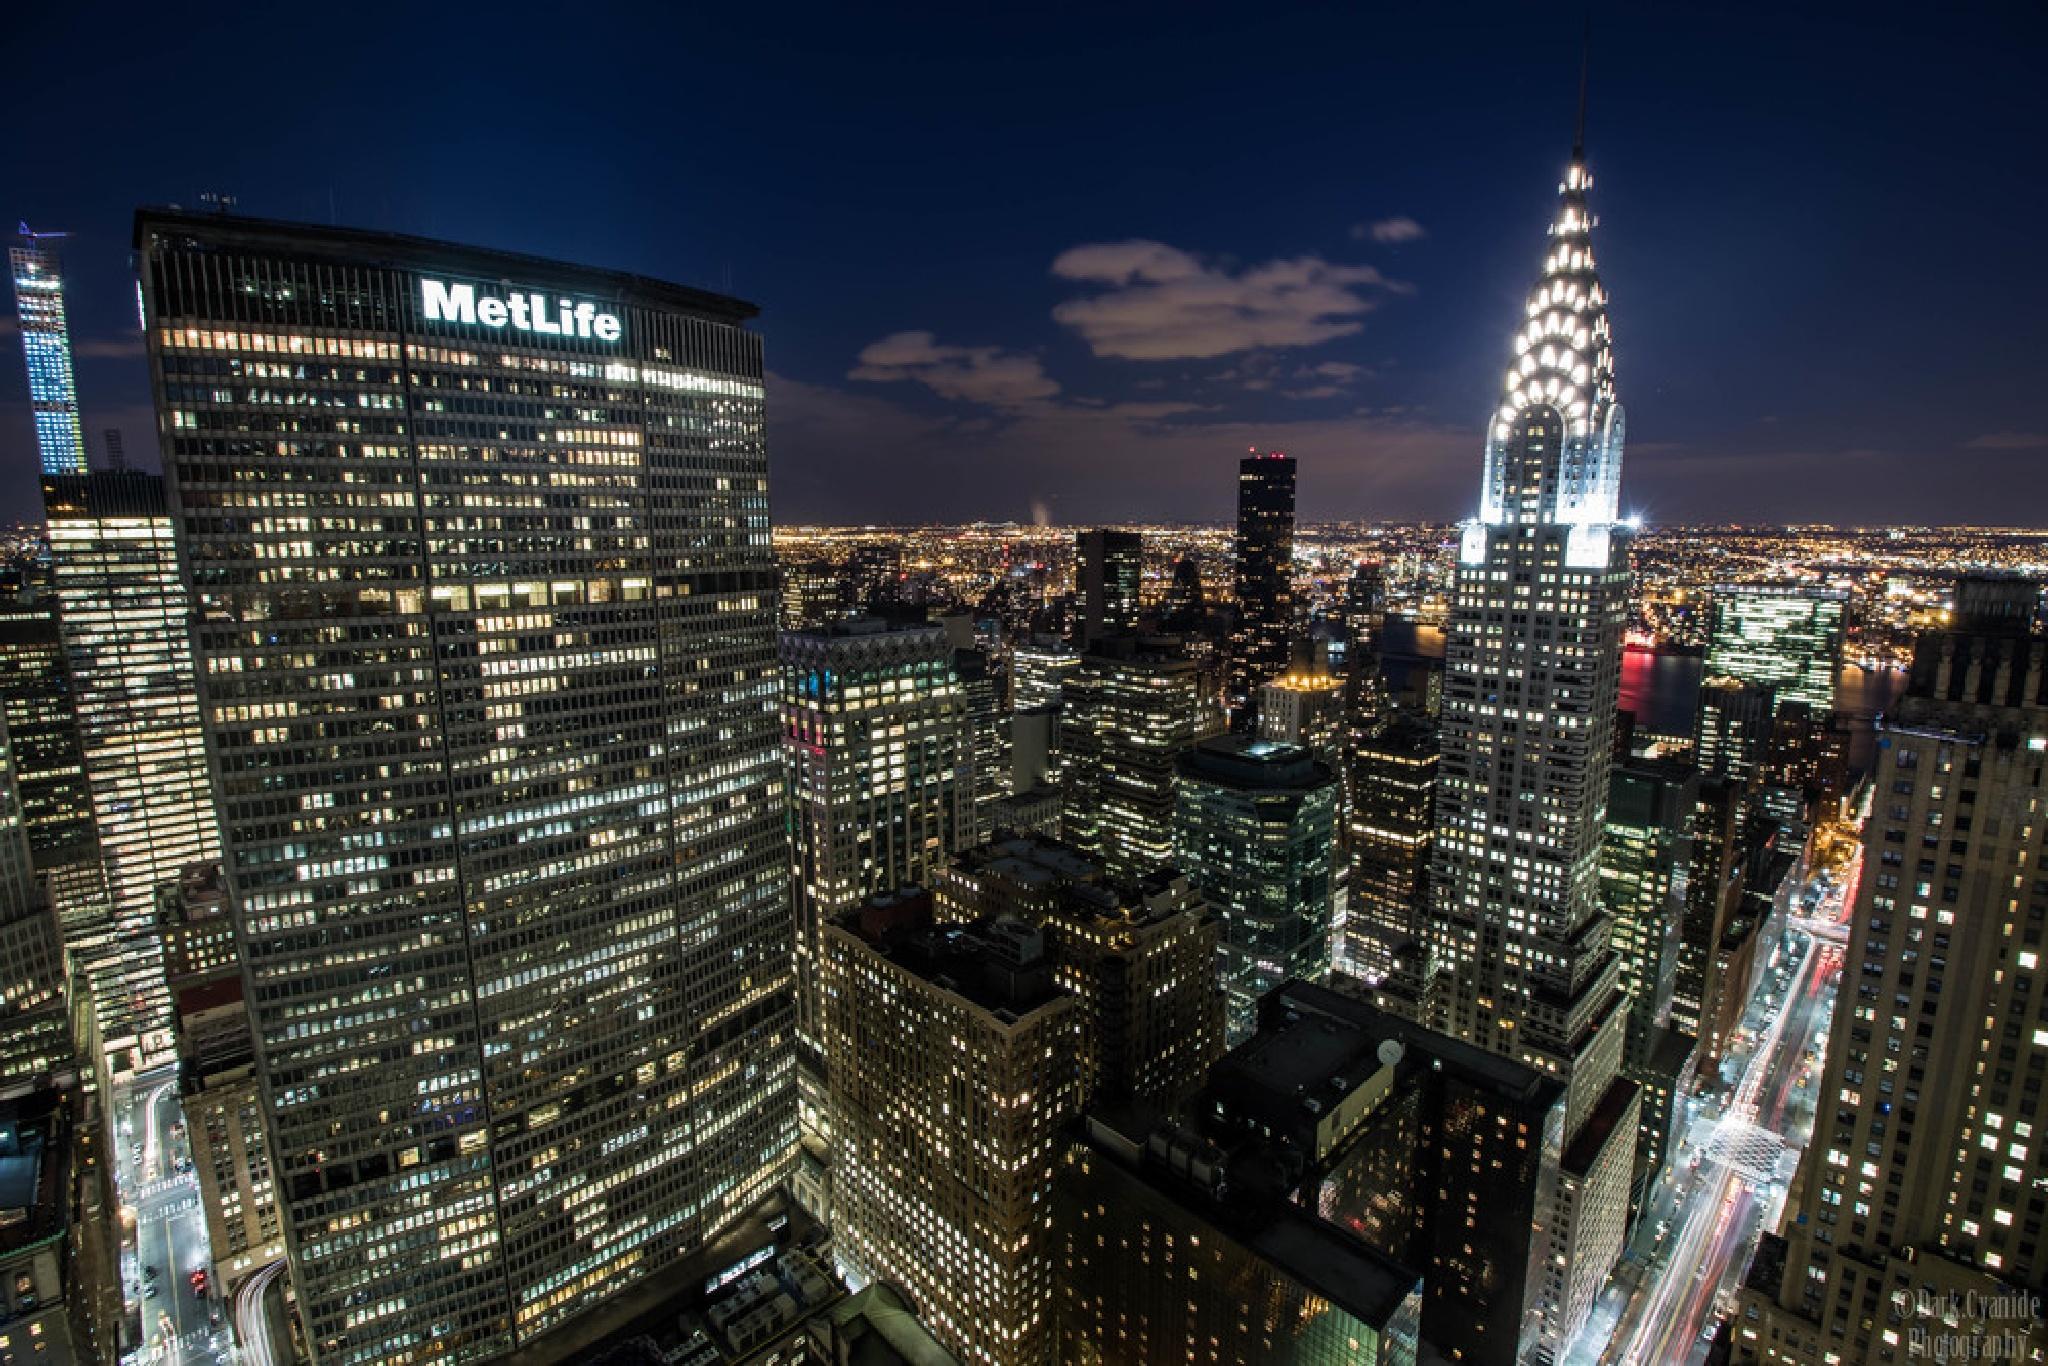 Midtown at night by Dark_Cyanide